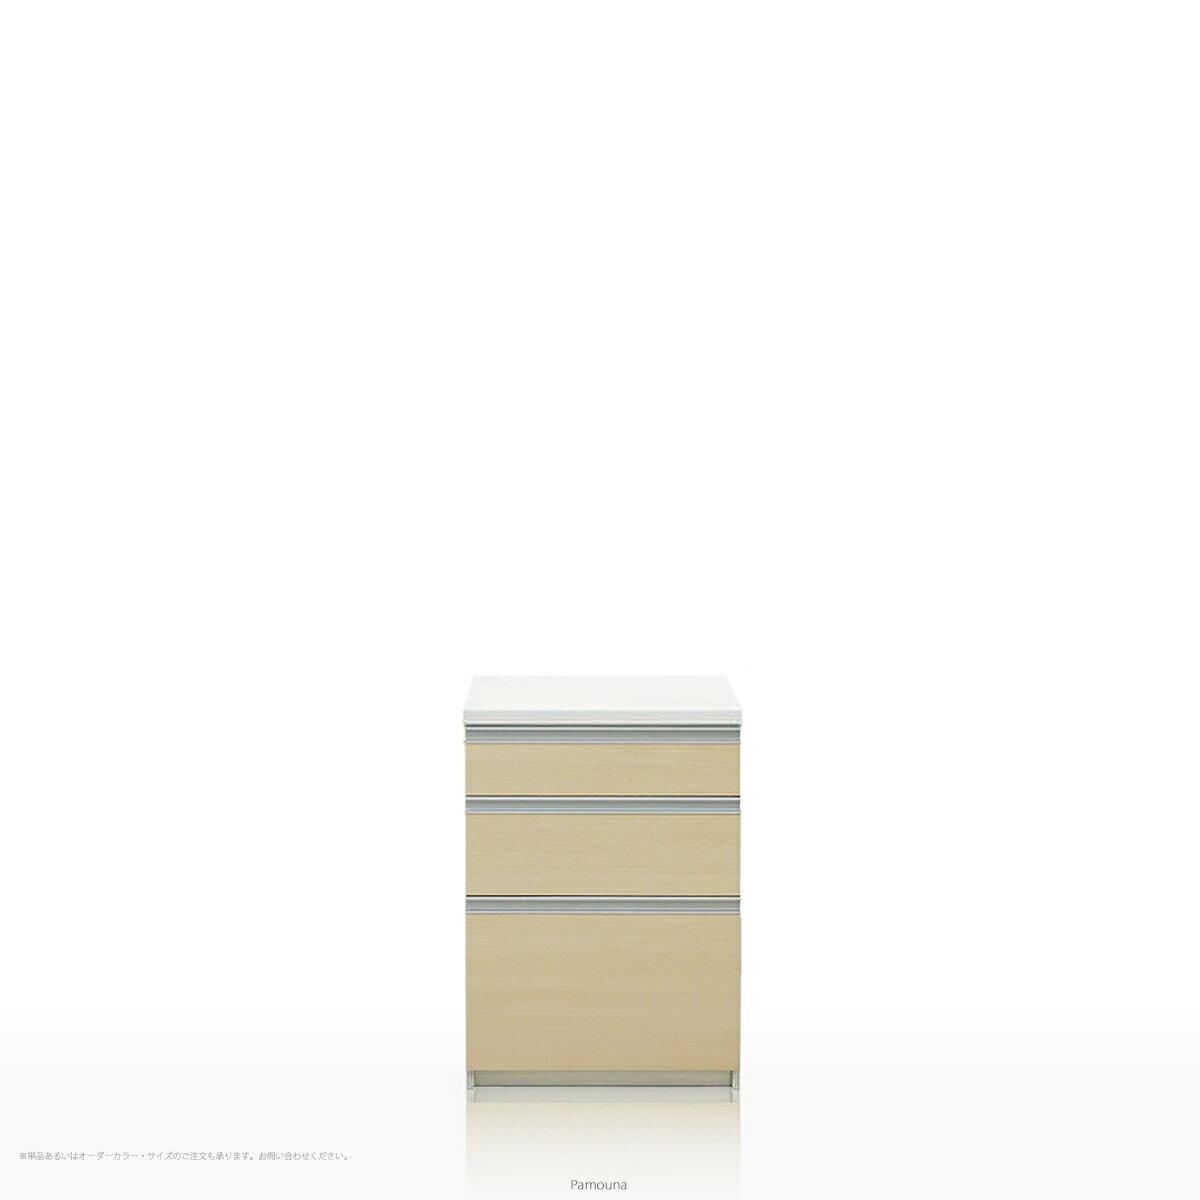 Pamouna(パモウナ) LFシリーズ LF-S600K キッチンカウンター/食器棚の下台 (幅60cm, 奥行き45cm, ライトチェリー)【送料無料 ※対象地域(本州,九州,四国)】【同梱不可】